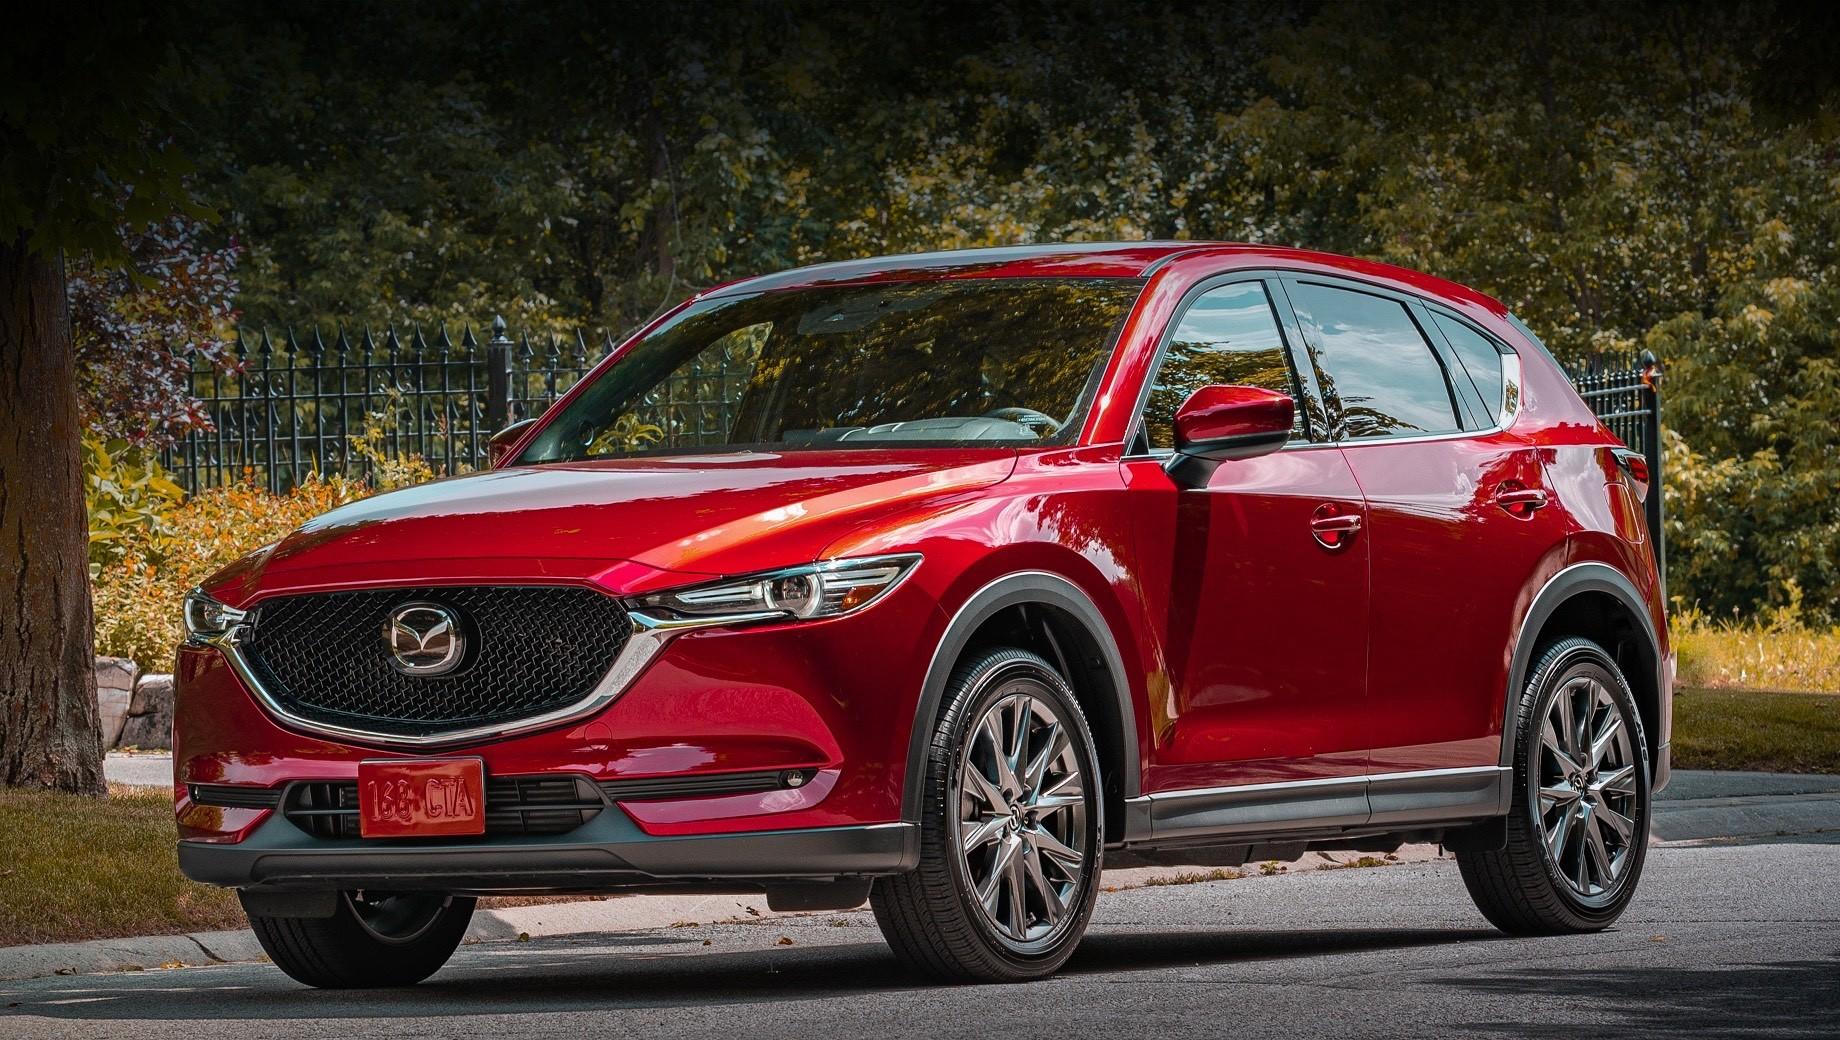 Mazda 6,Mazda cx-5. На дилерских складах в Штатах не осталось дизельных кроссоверов Mazda CX-5 2019 модельного года, но в своё время такая машина стоила от $41 000 (3,15 млн рублей). Даже самый дорогой вариант Signature с турбомотором 2.5 оценивается нынче в $37 155 (2,86 млн).